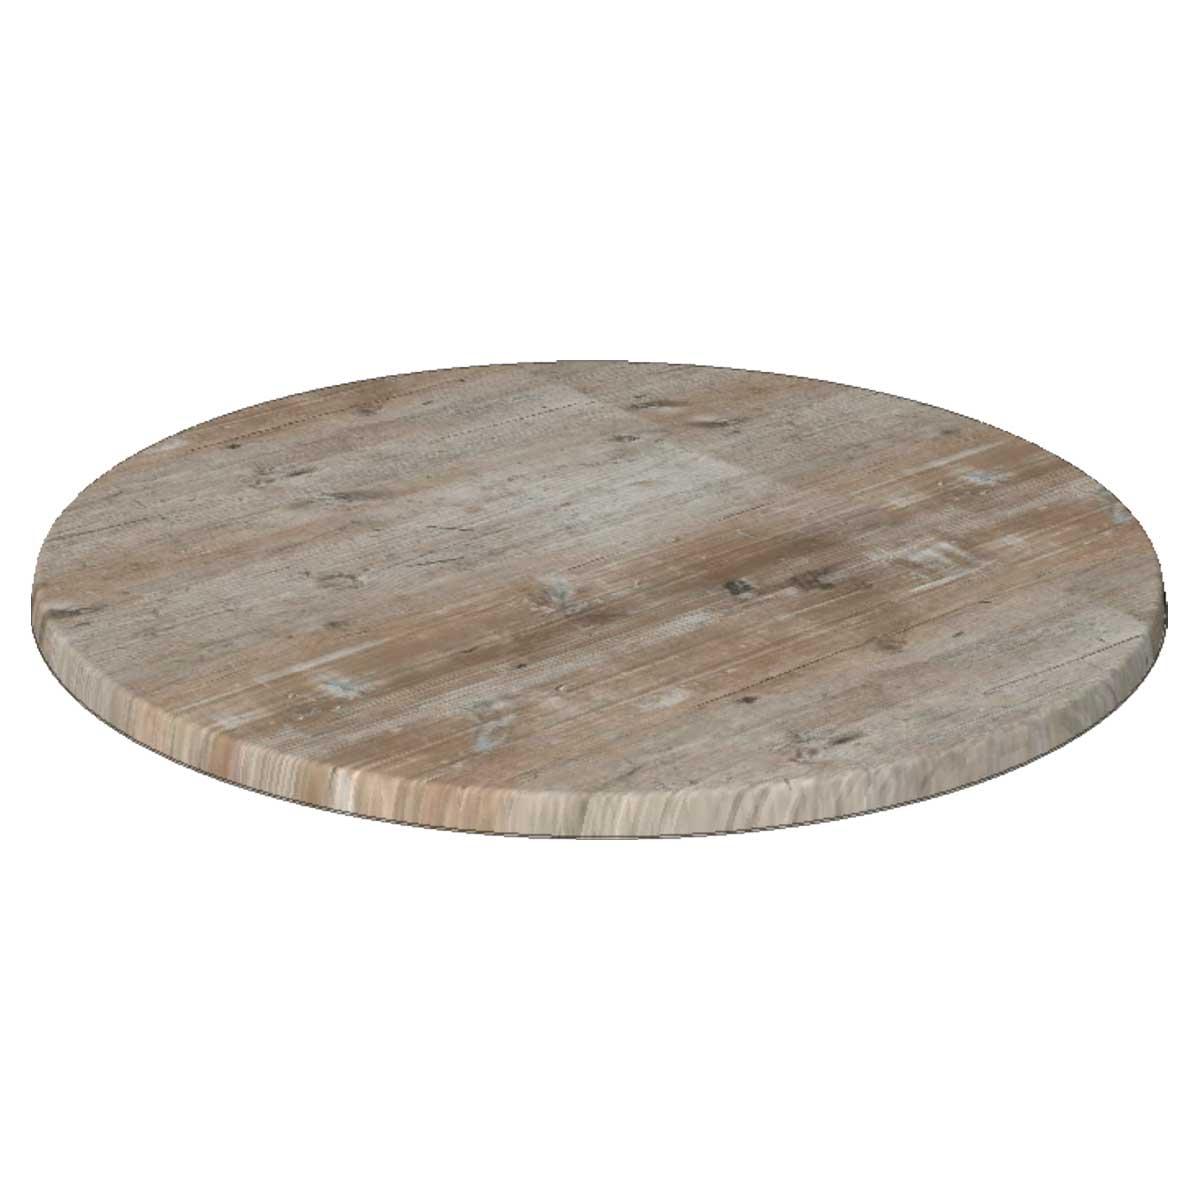 TICLA R70 296 - https://www.werzalit.com/fr/produit/plateau-de-table-classic-werzalit-r-oe90-296-findus-grau/